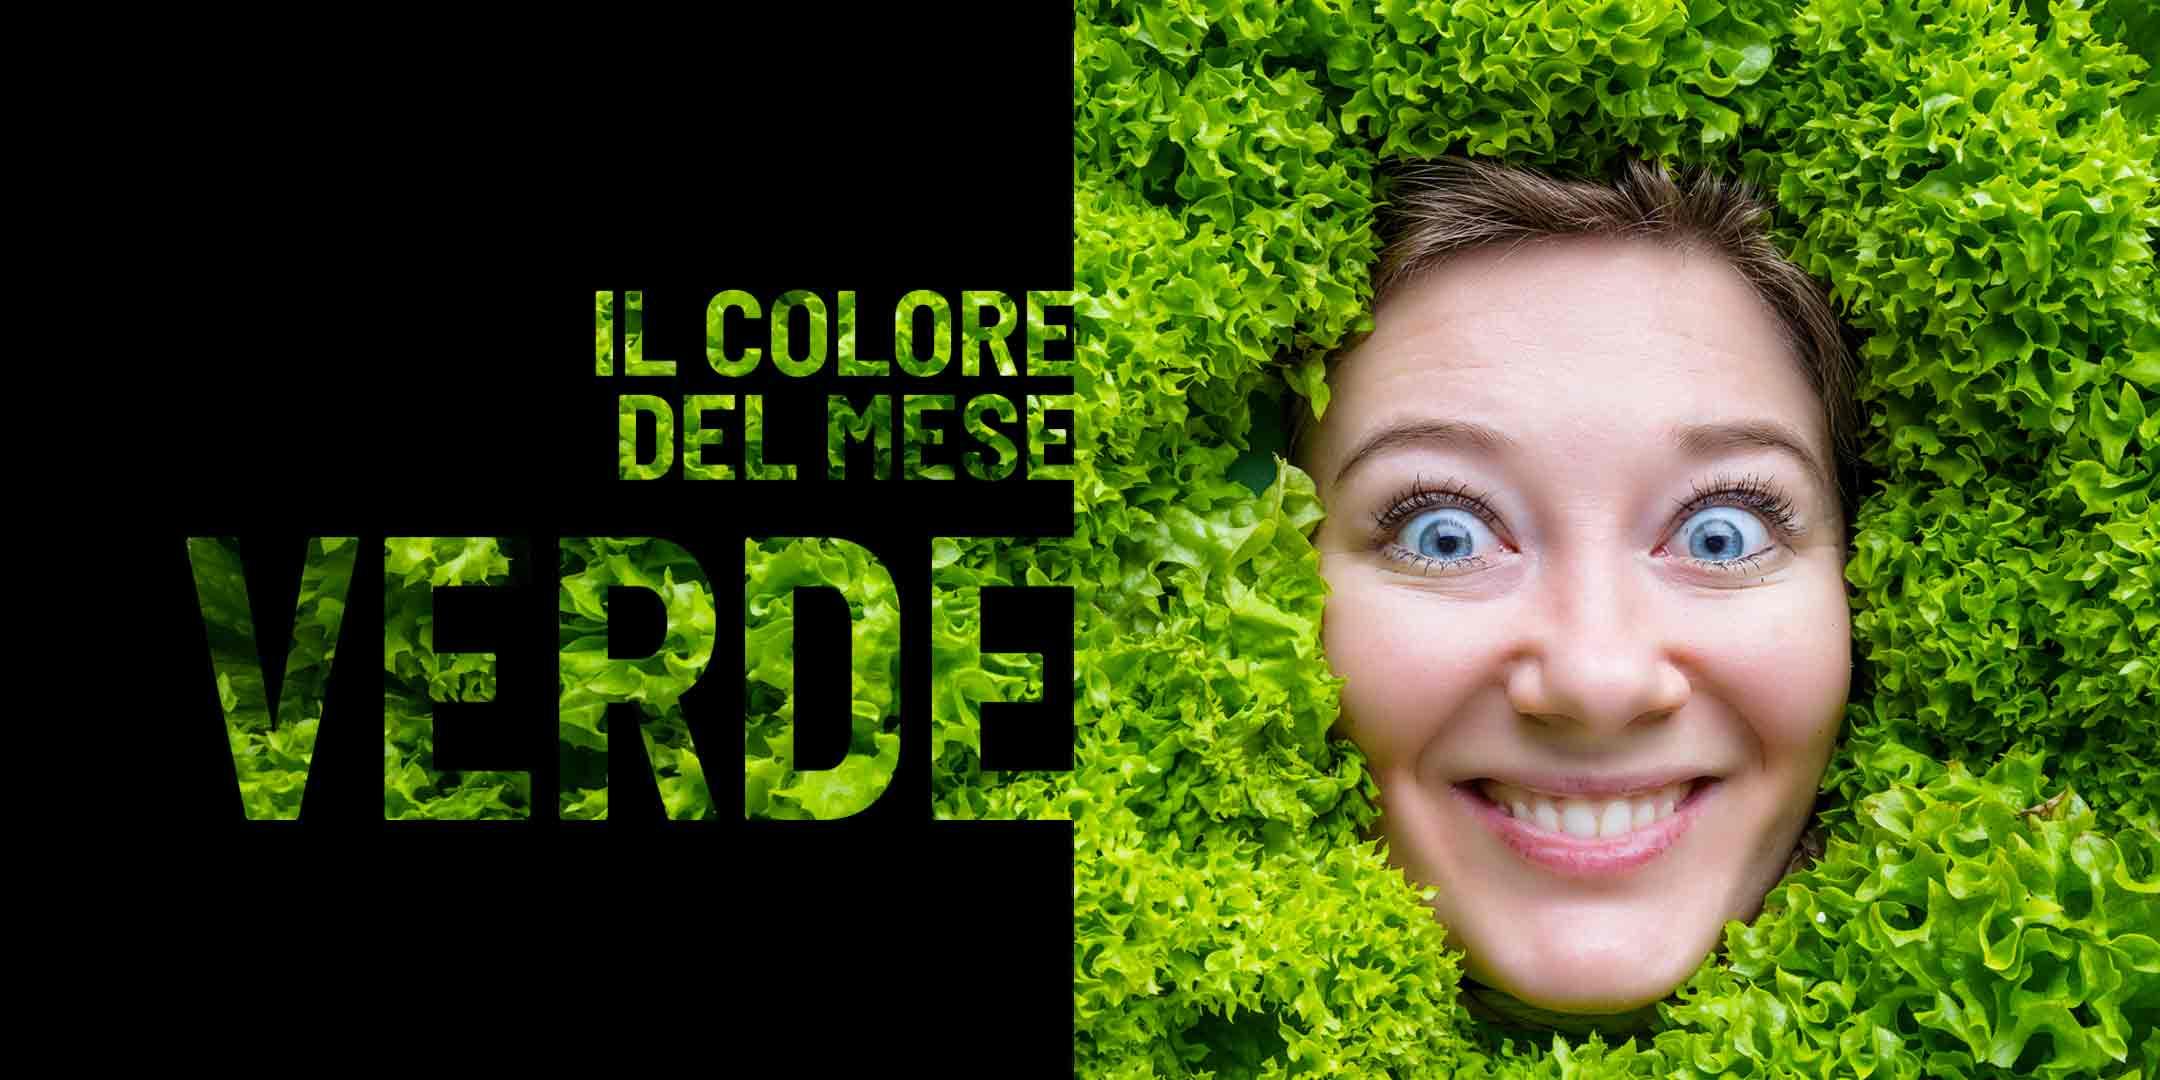 Il colore del mese: verde